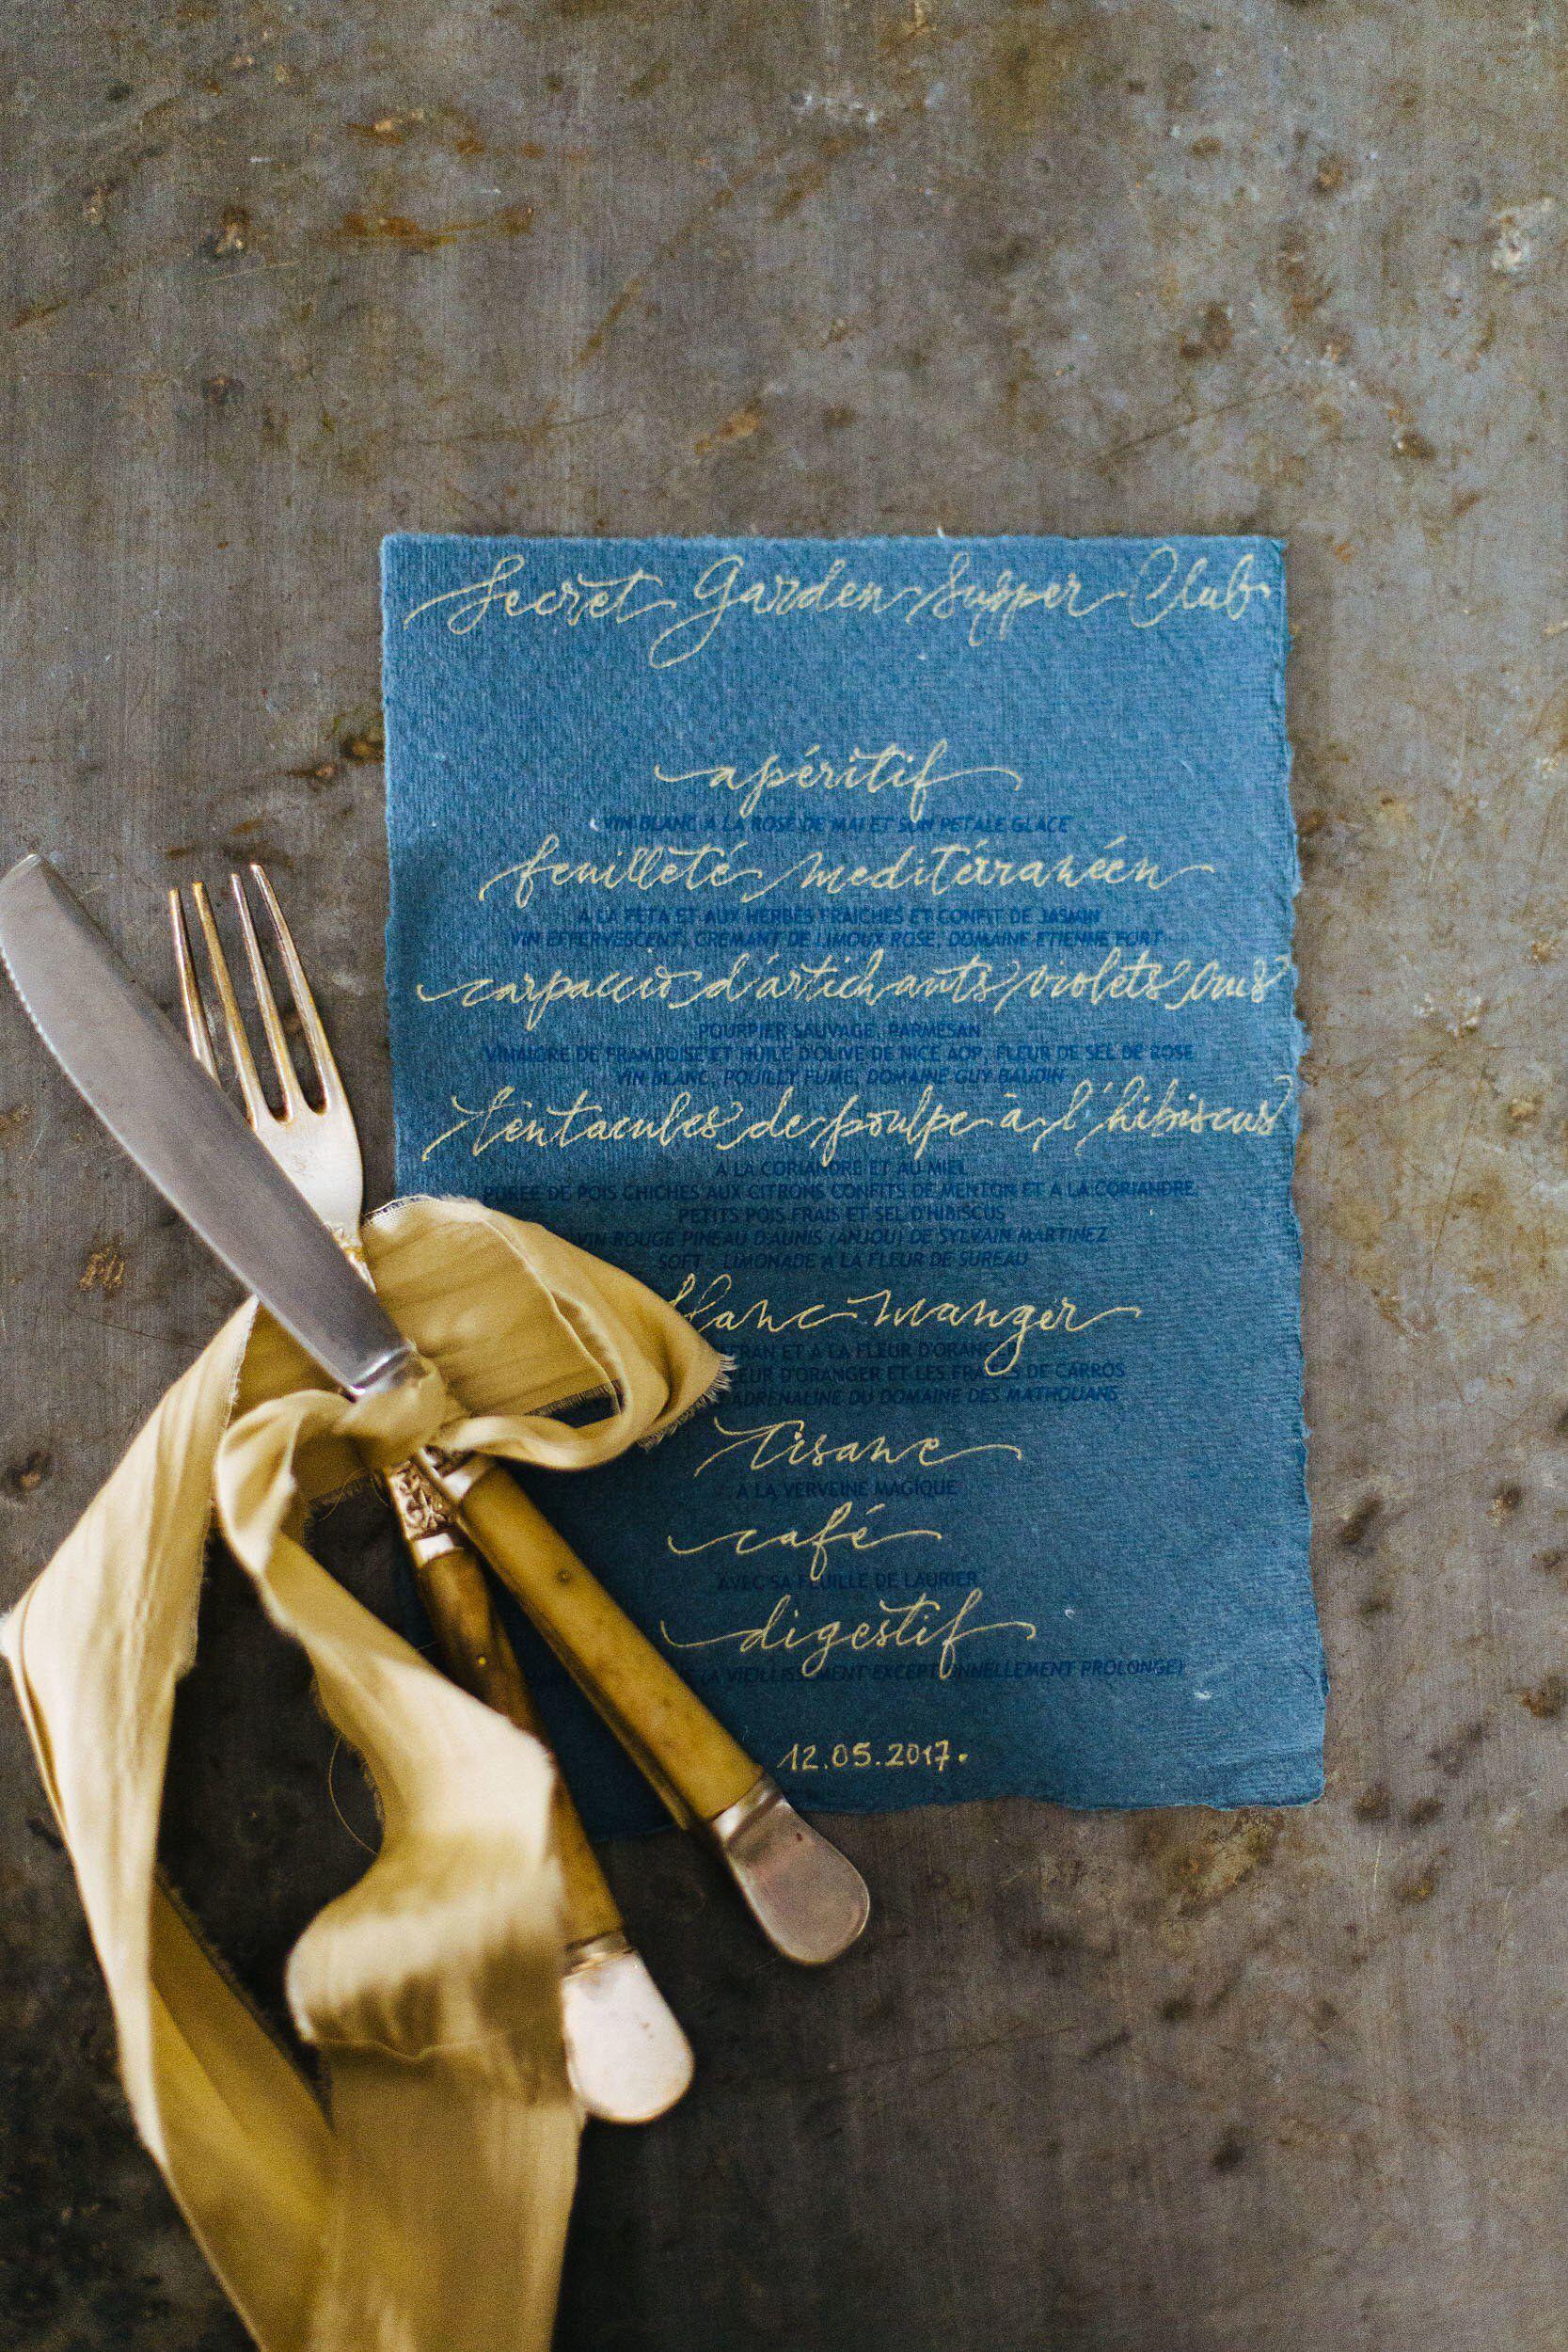 Secret Garden Provence Dinner Party Dinner party